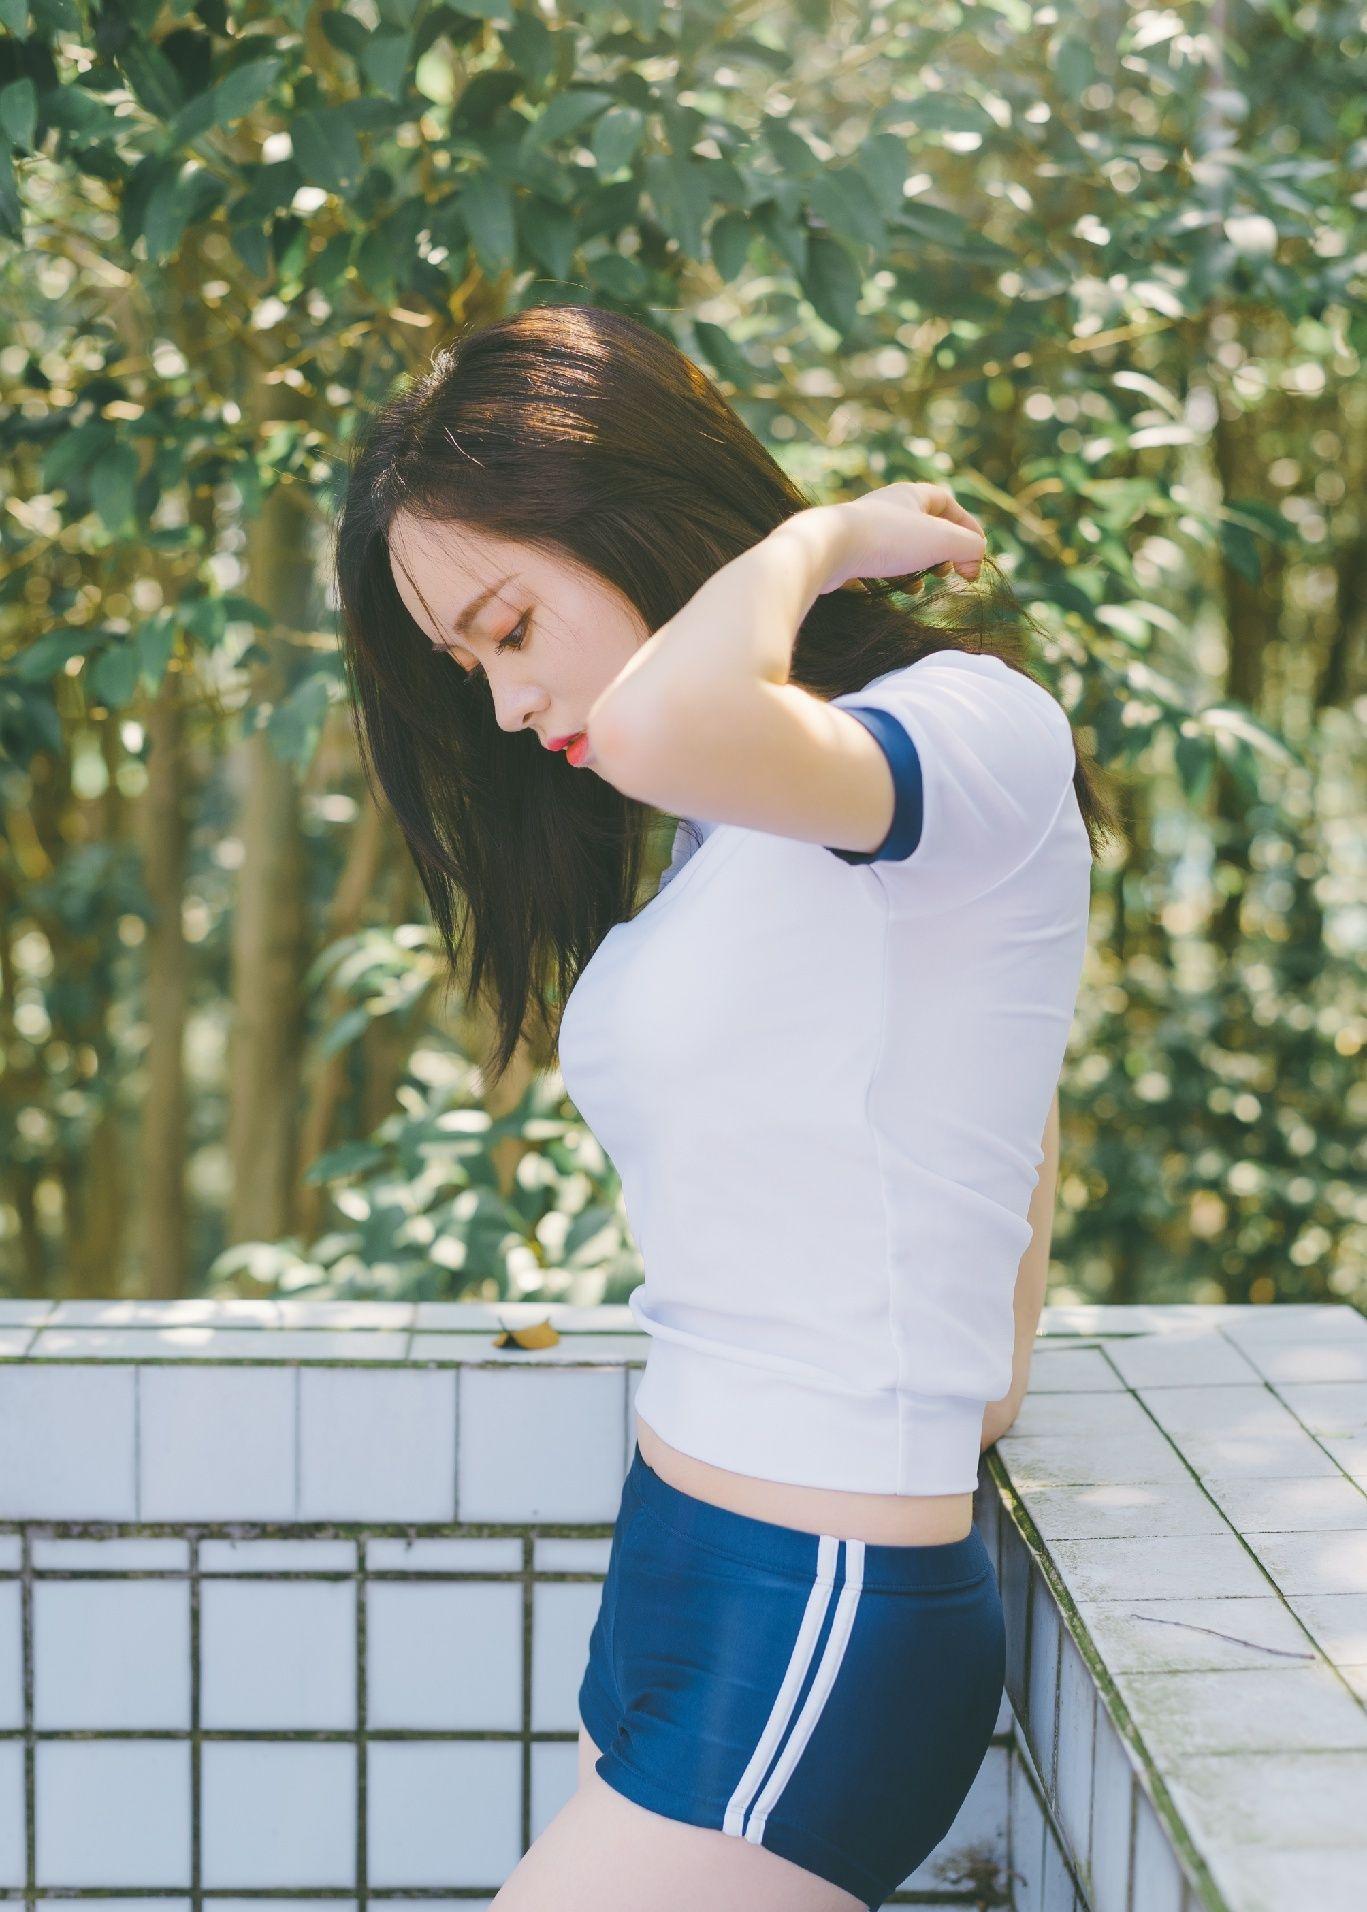 人像摄影:身穿运动短裤的长发女孩